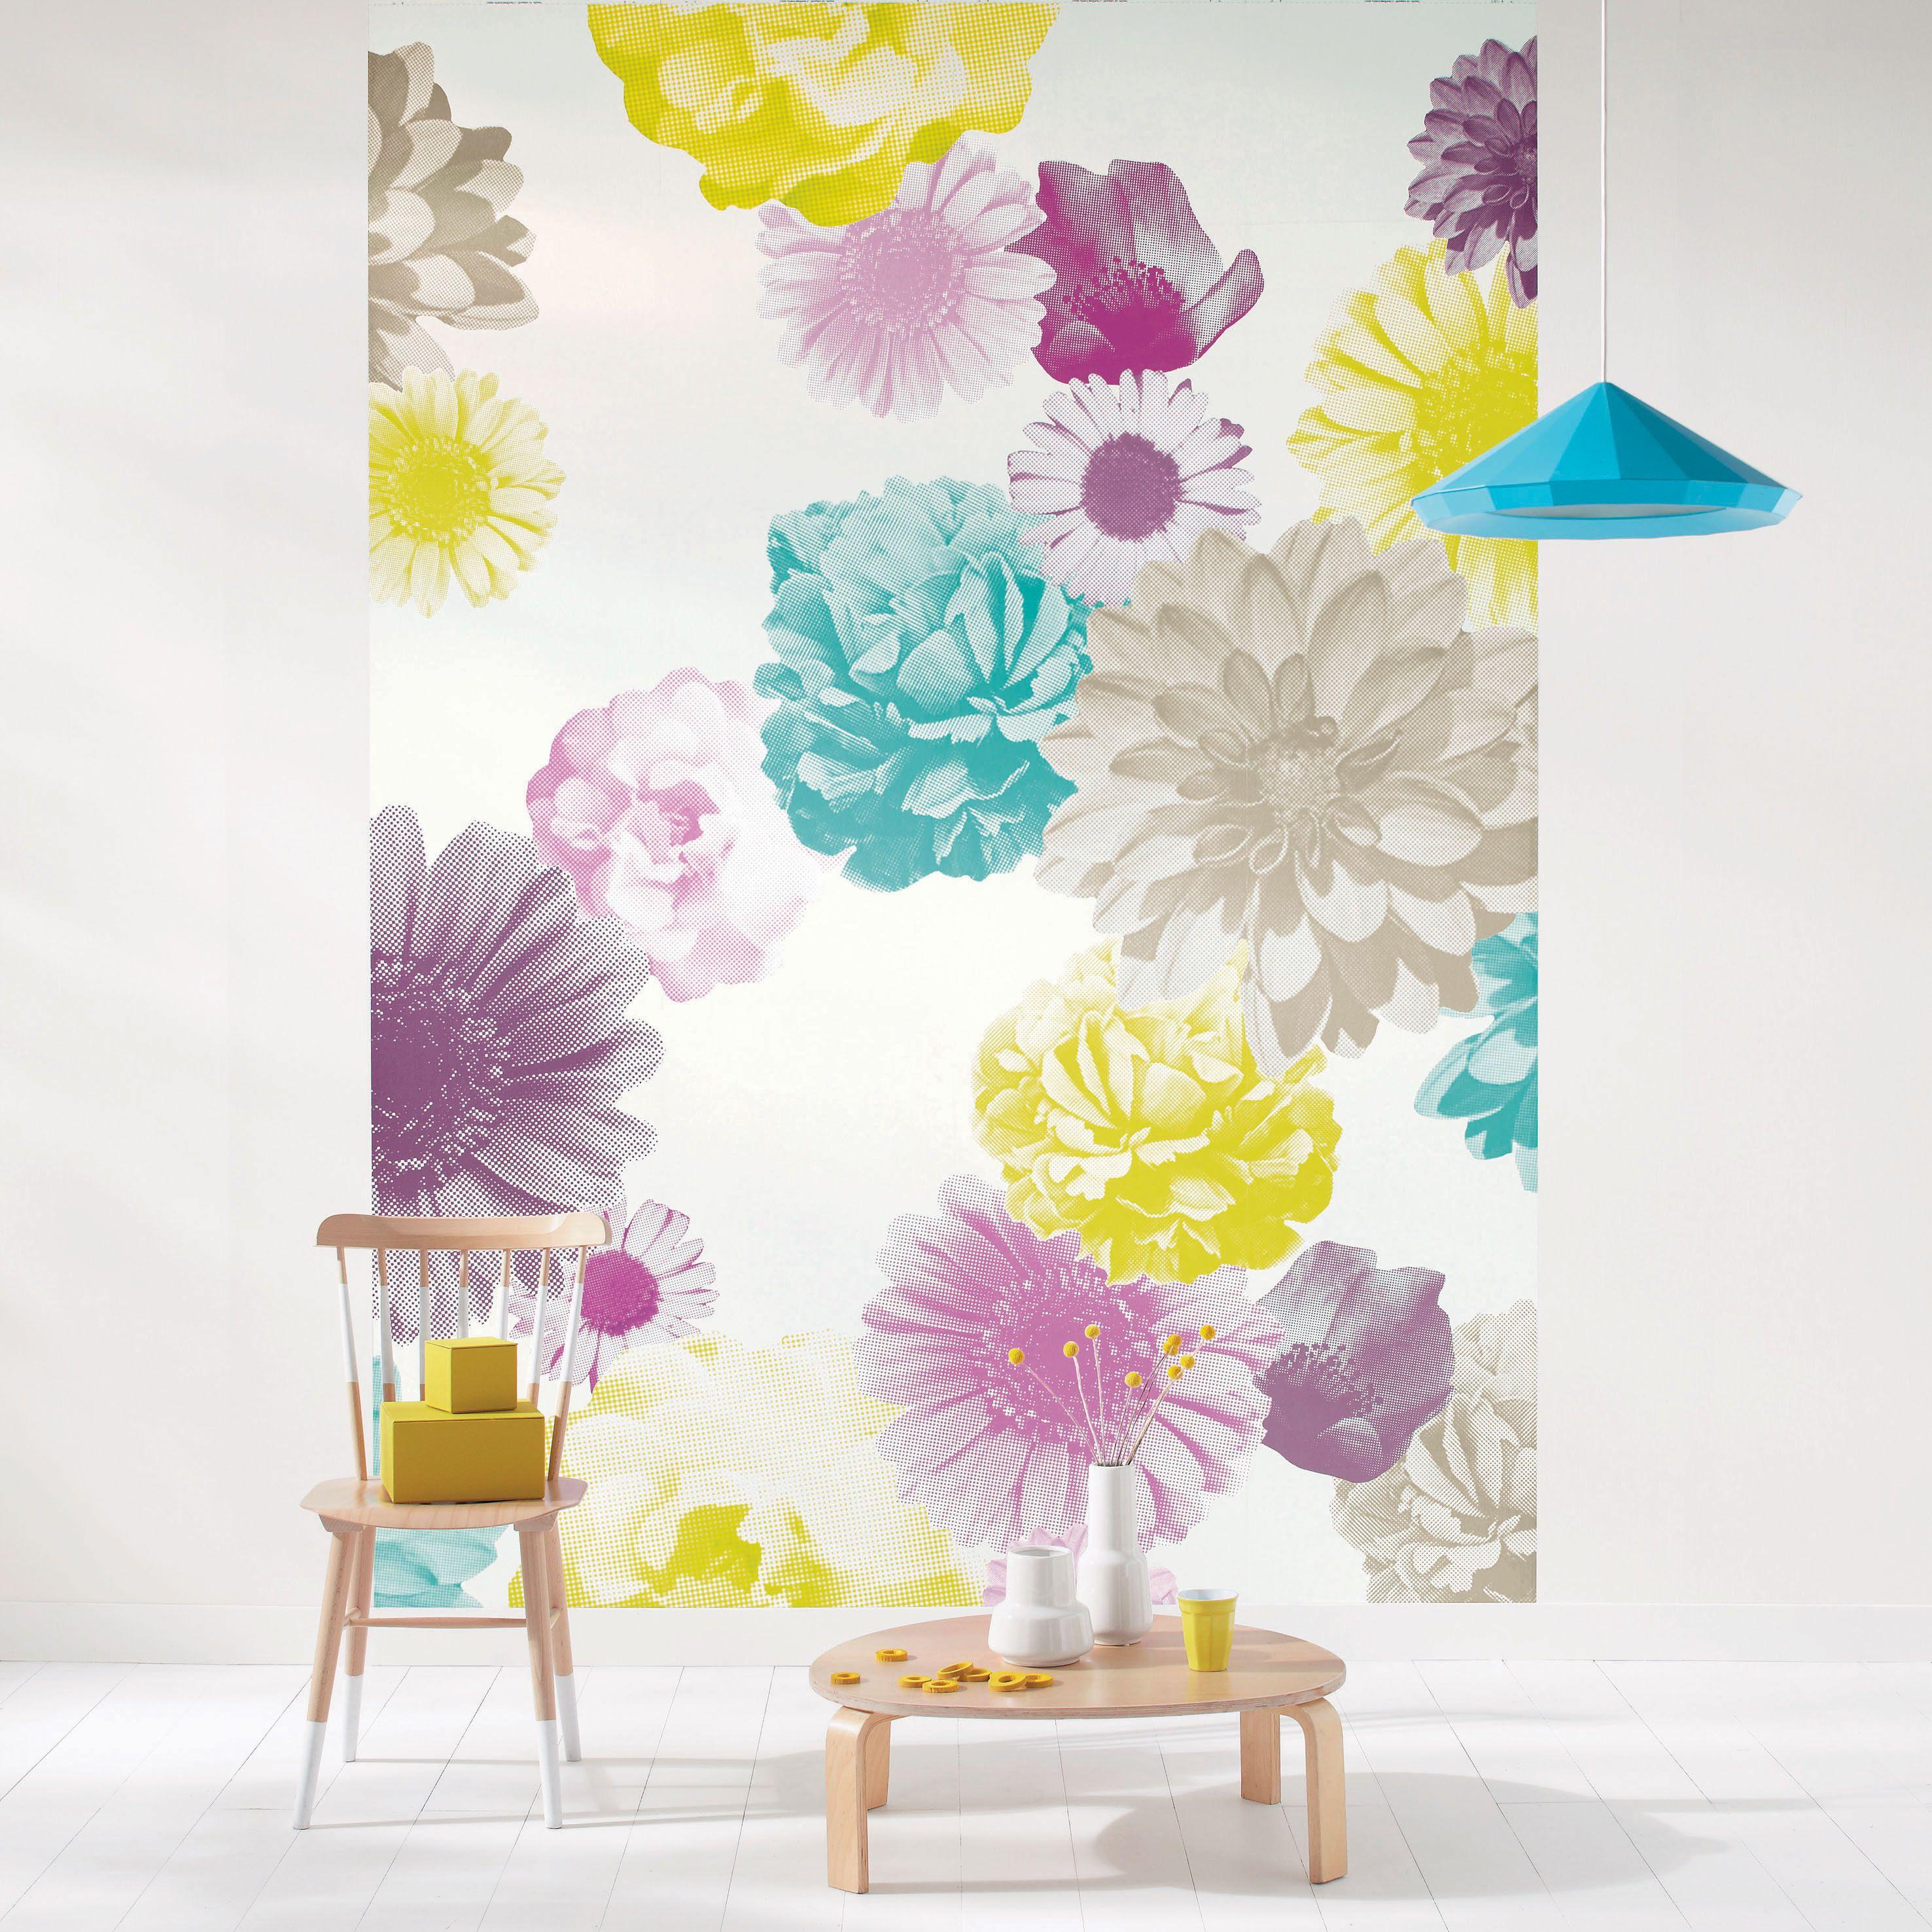 Peinture Sur Papier Peint Existant collection : vitamine / fleurs, panoramique #papierpeint